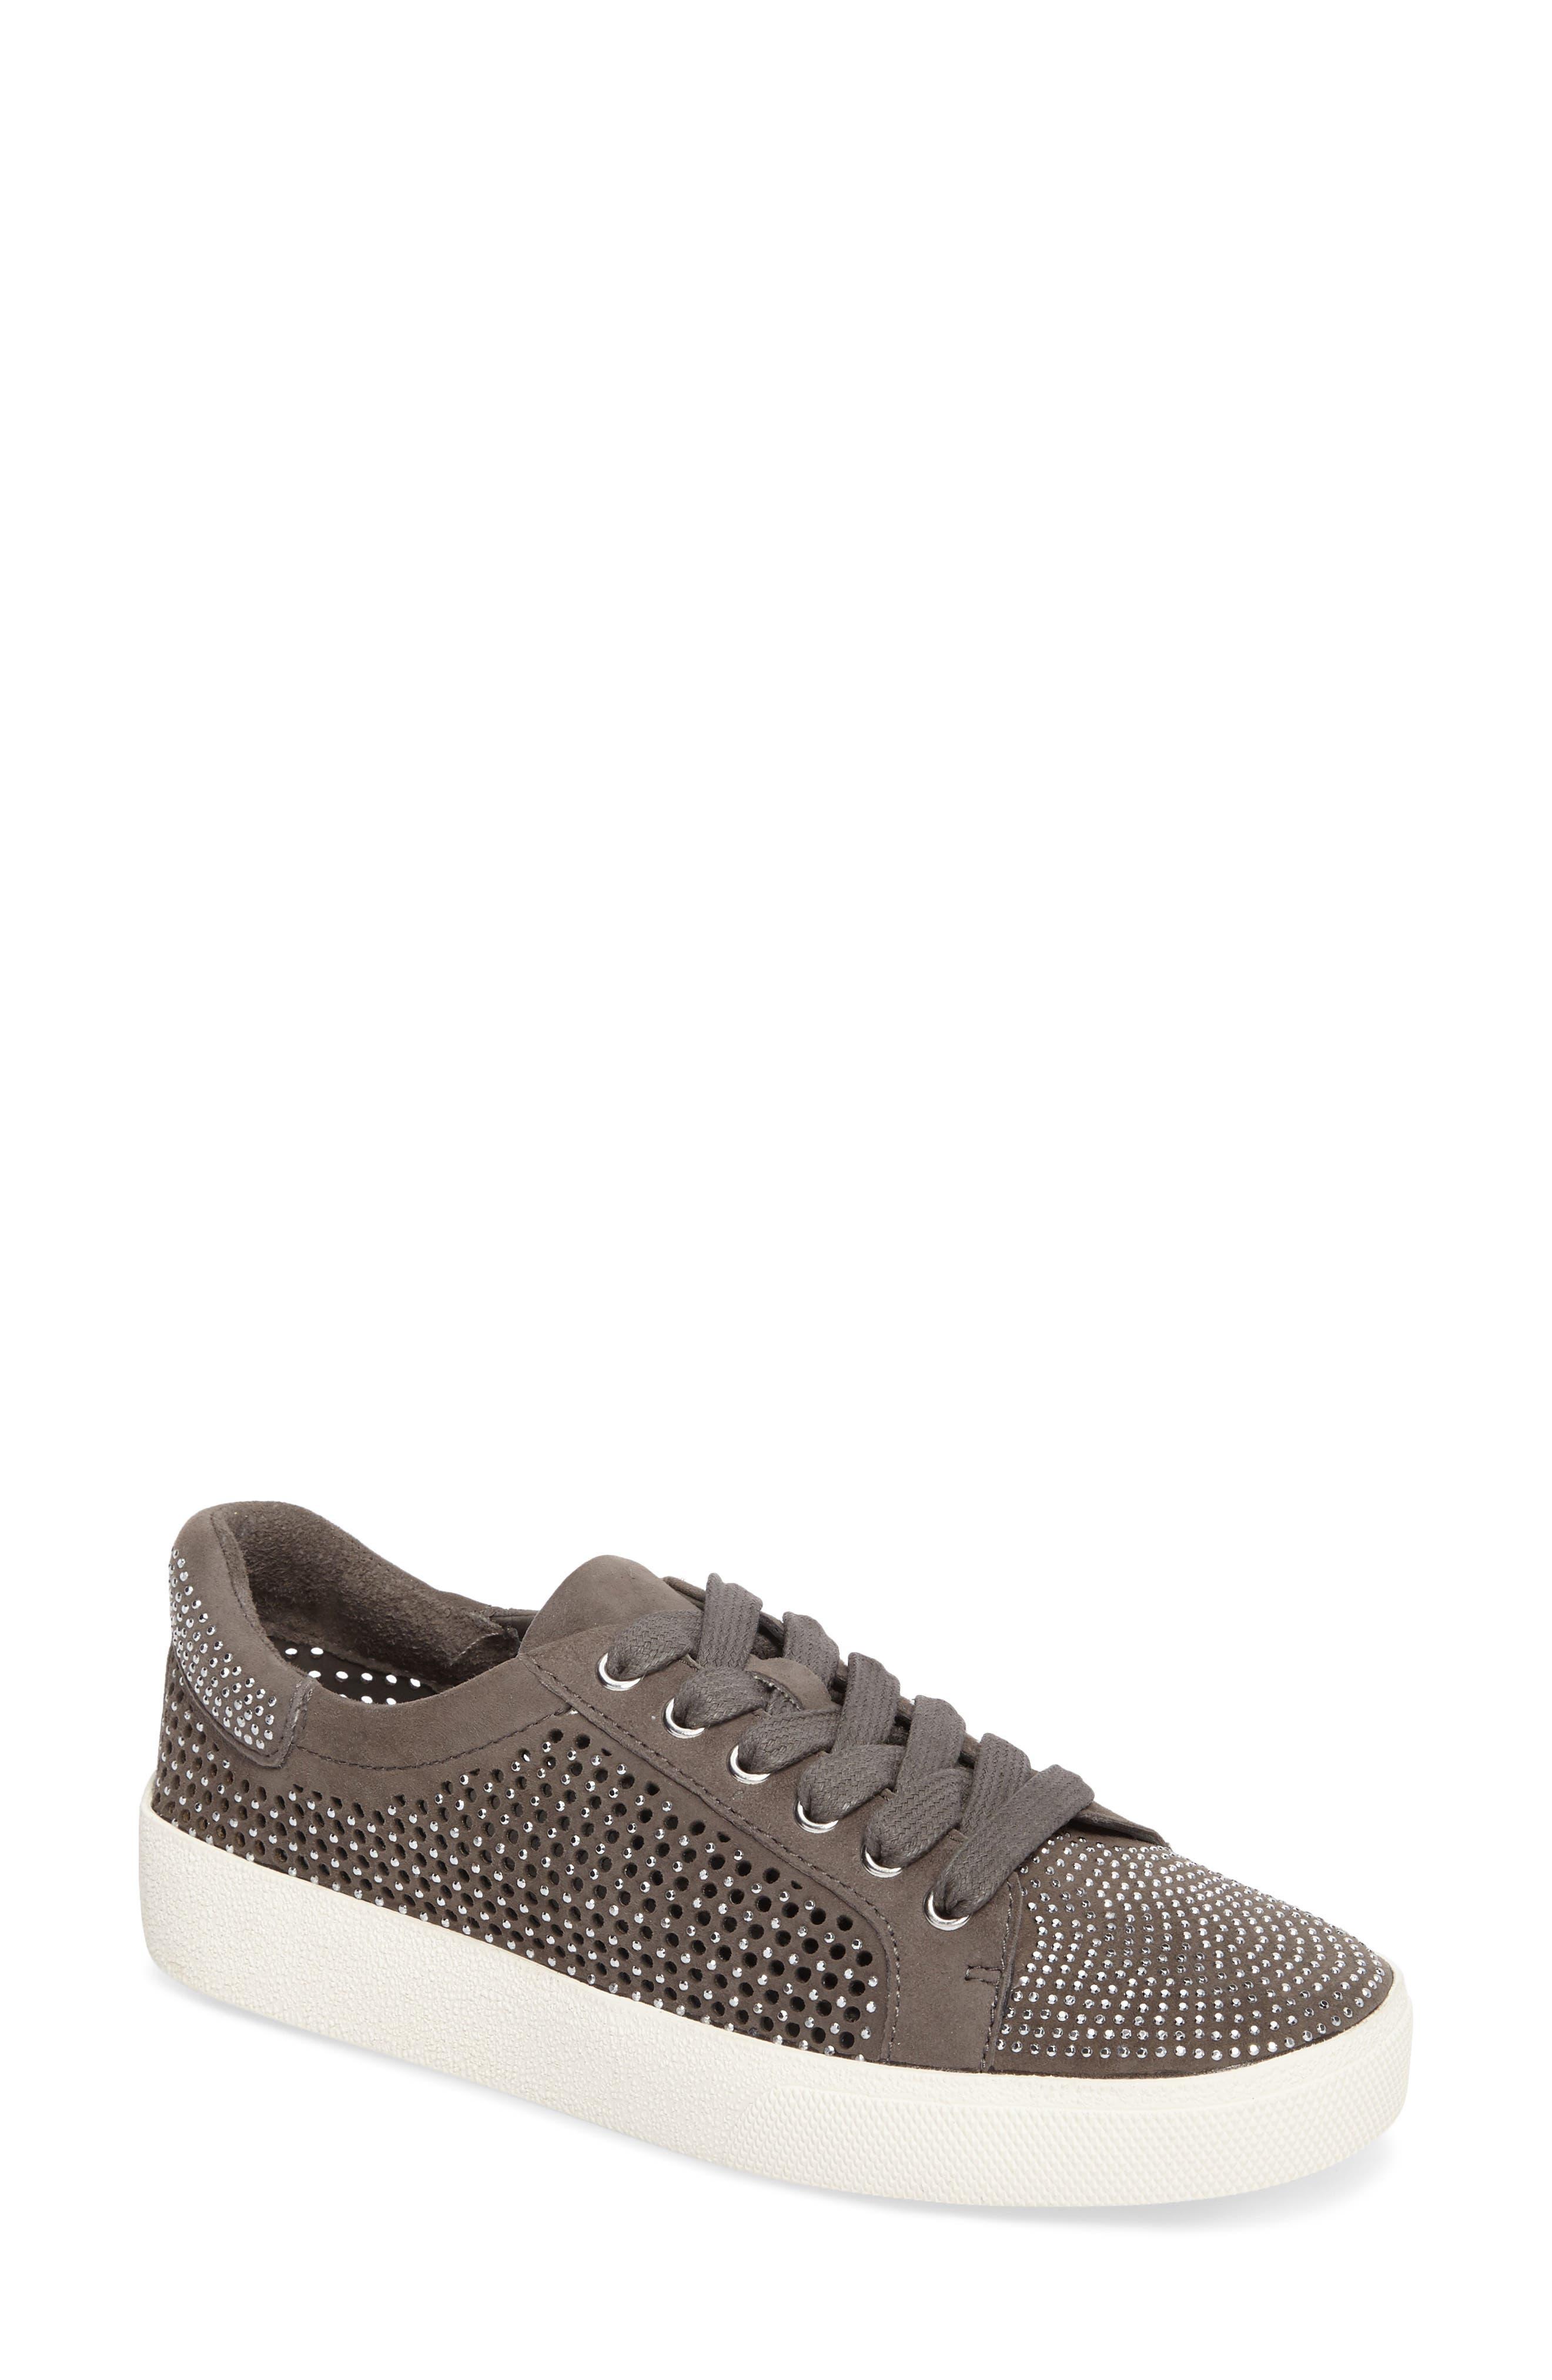 Chenta Sneaker,                         Main,                         color, 060